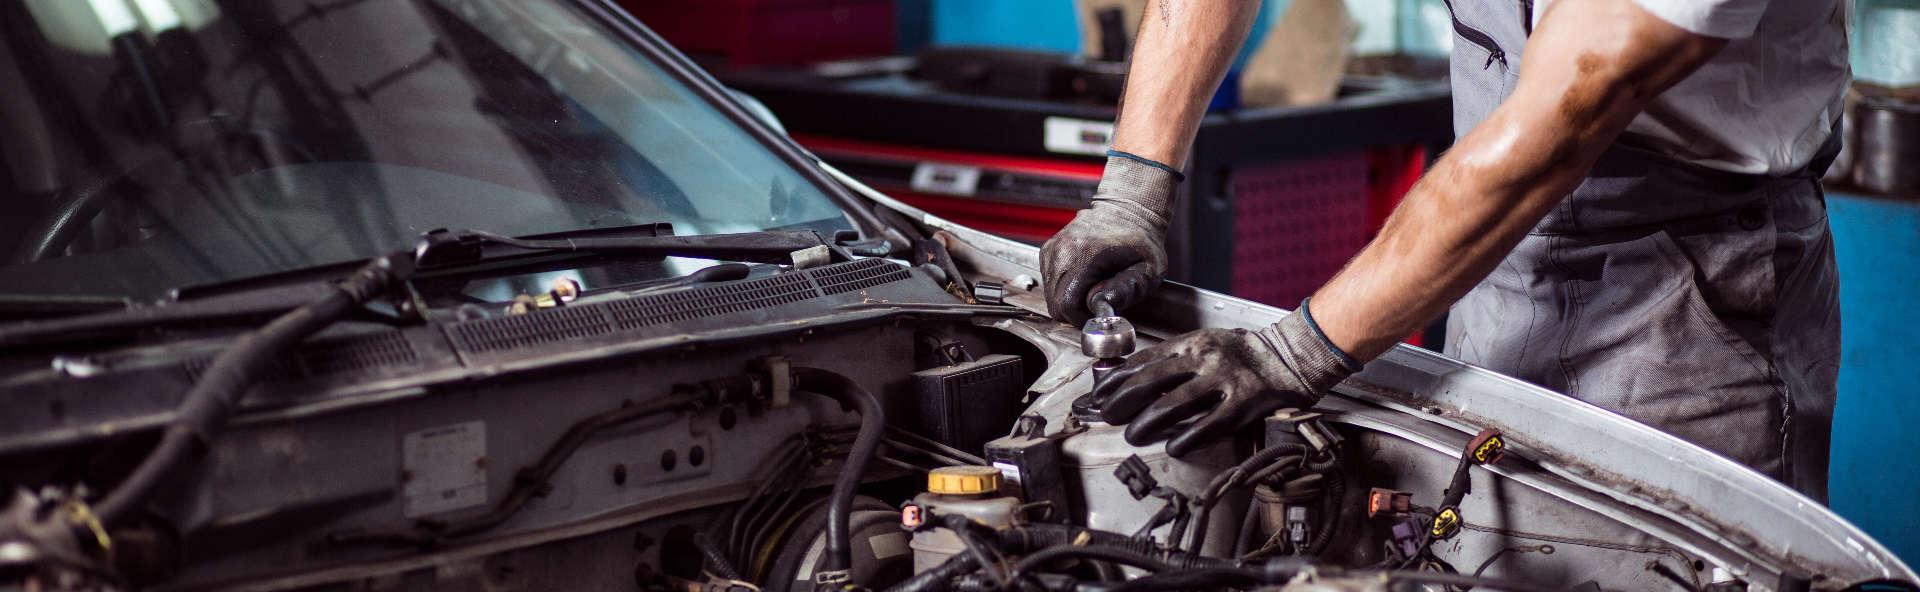 rengjøre en skitten motor